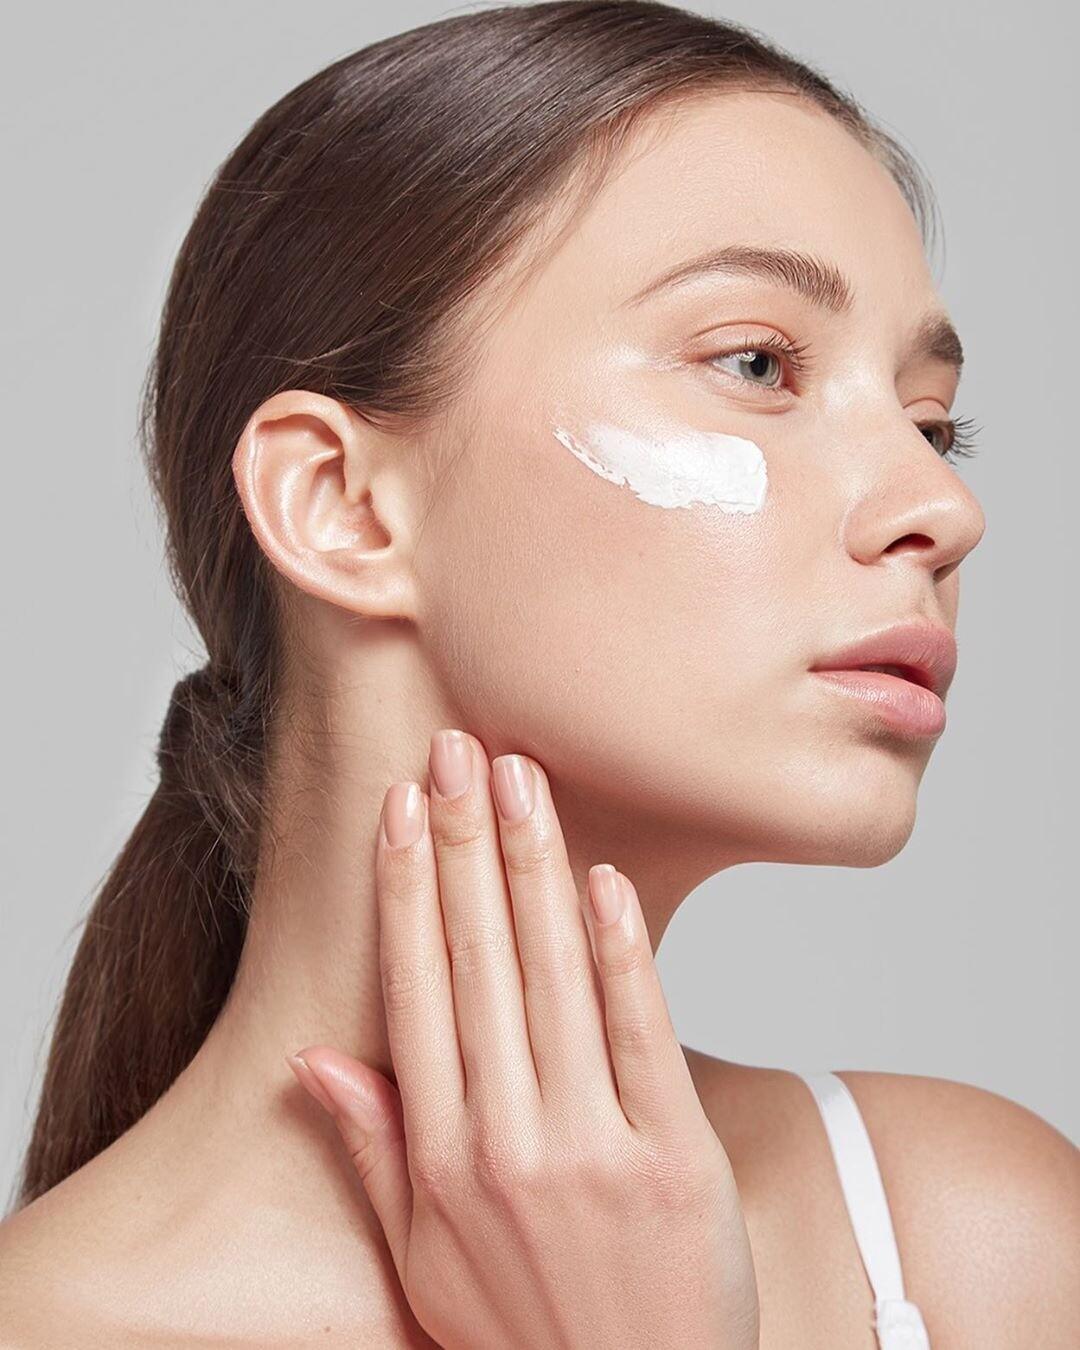 Без сухости и шелушения: лучшие питательные кремы для лица на осень